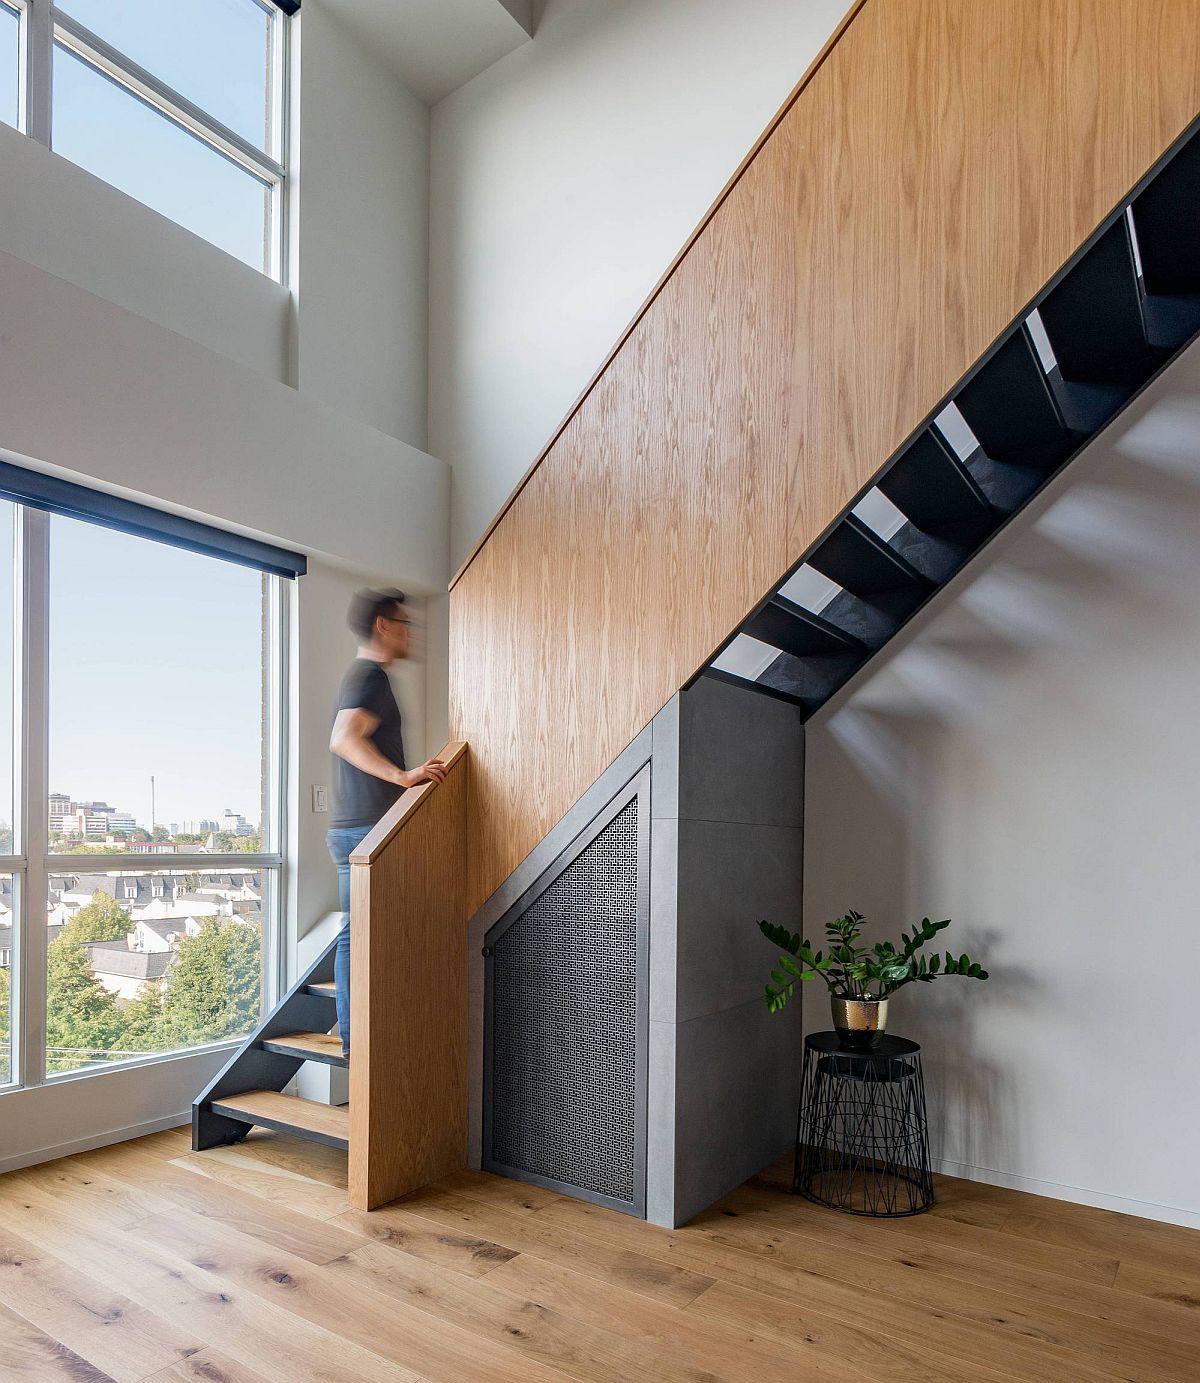 Un escalier remanié en bois et métal relie les deux niveaux de la maison loft